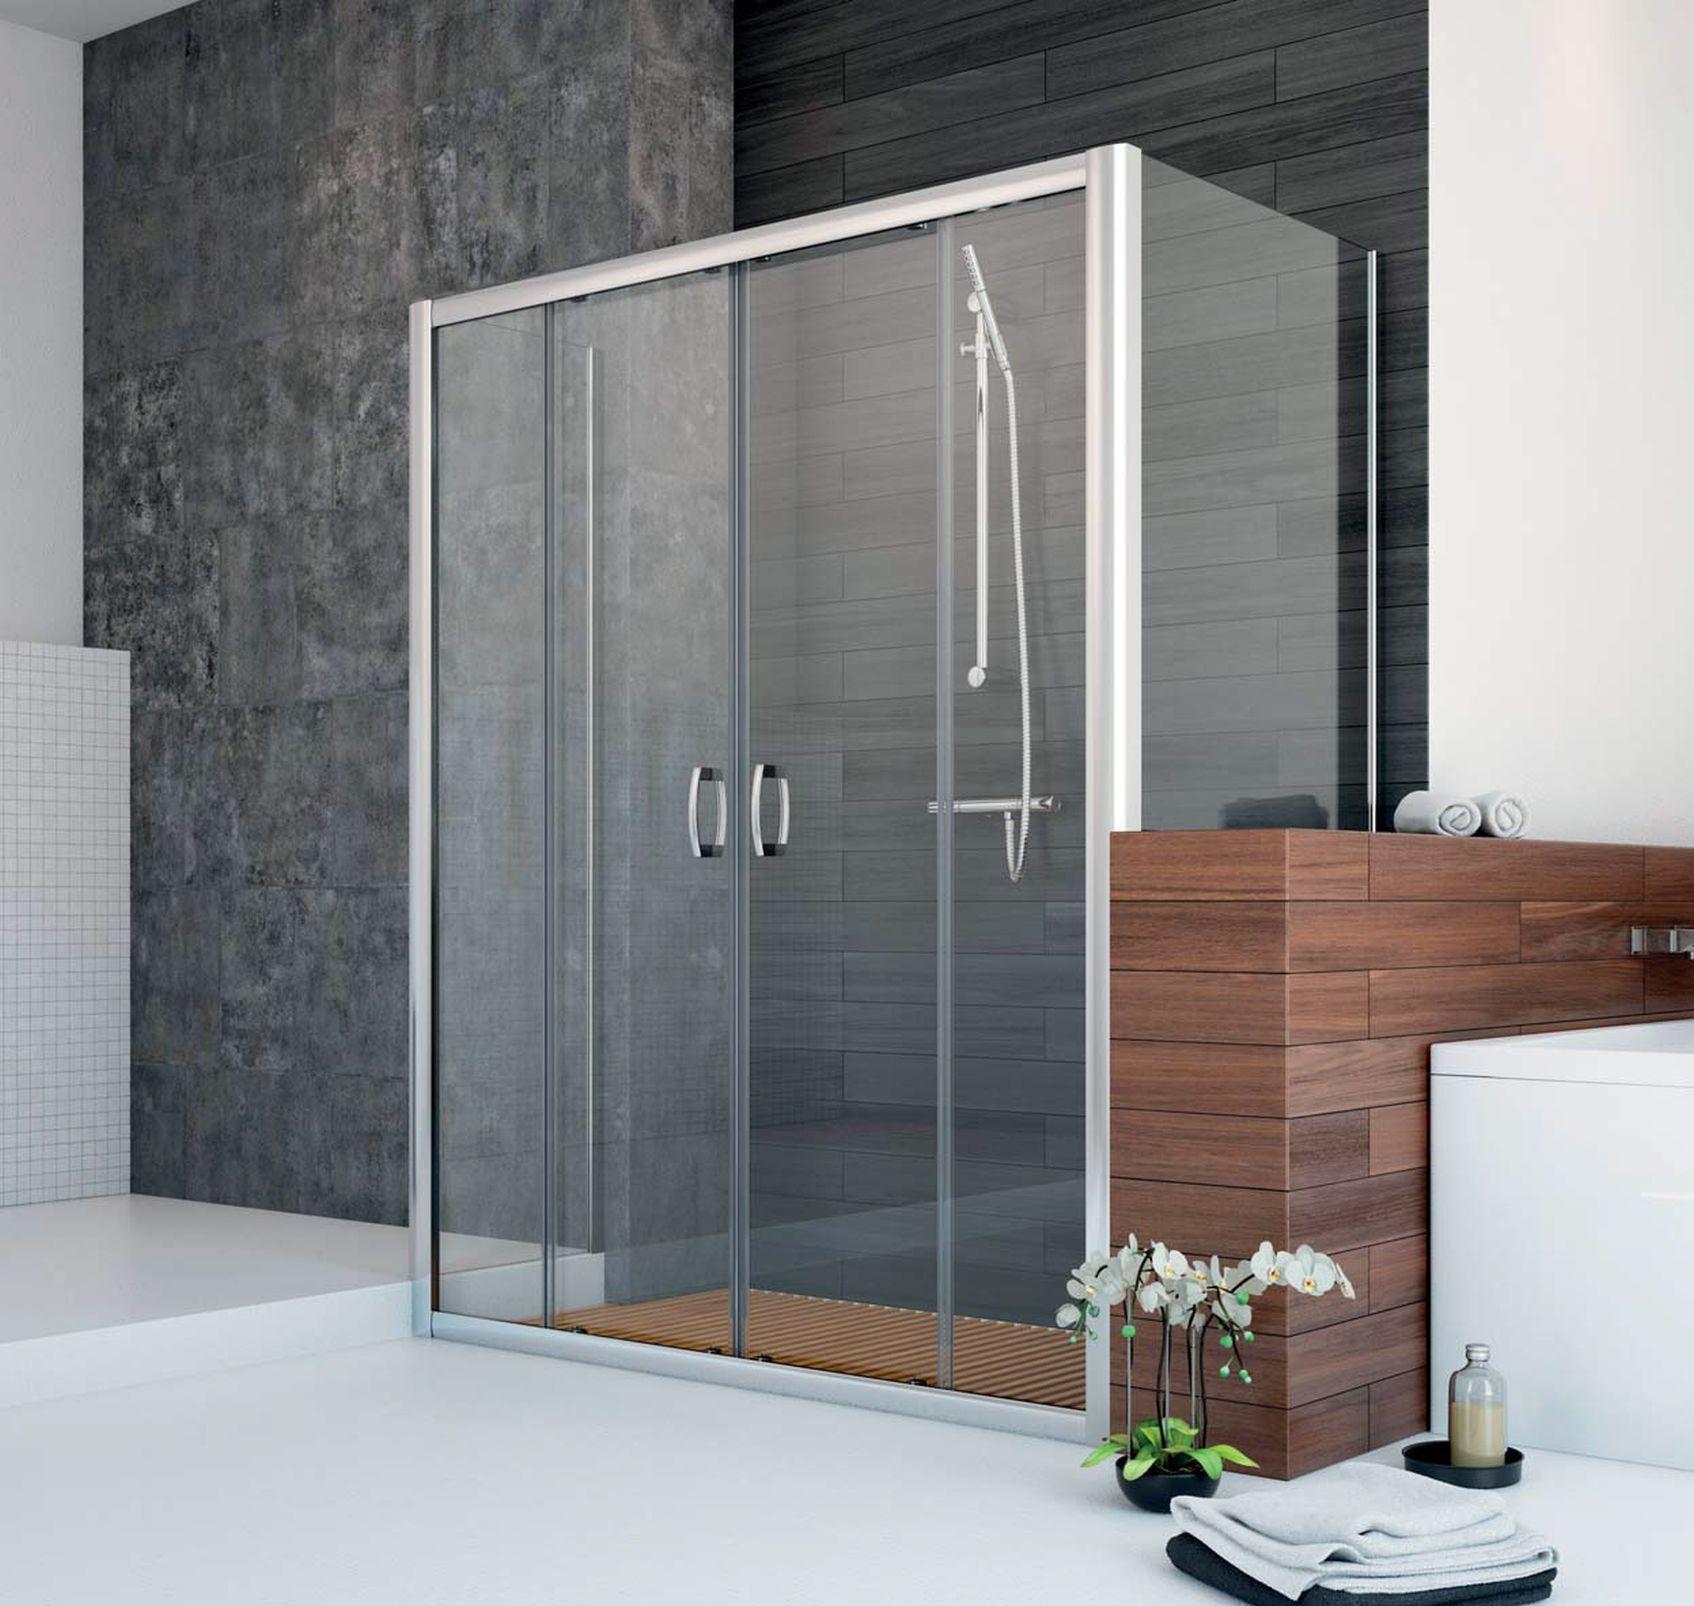 Kabina Radaway Premium Plus Opinie łazienka Aranżacje